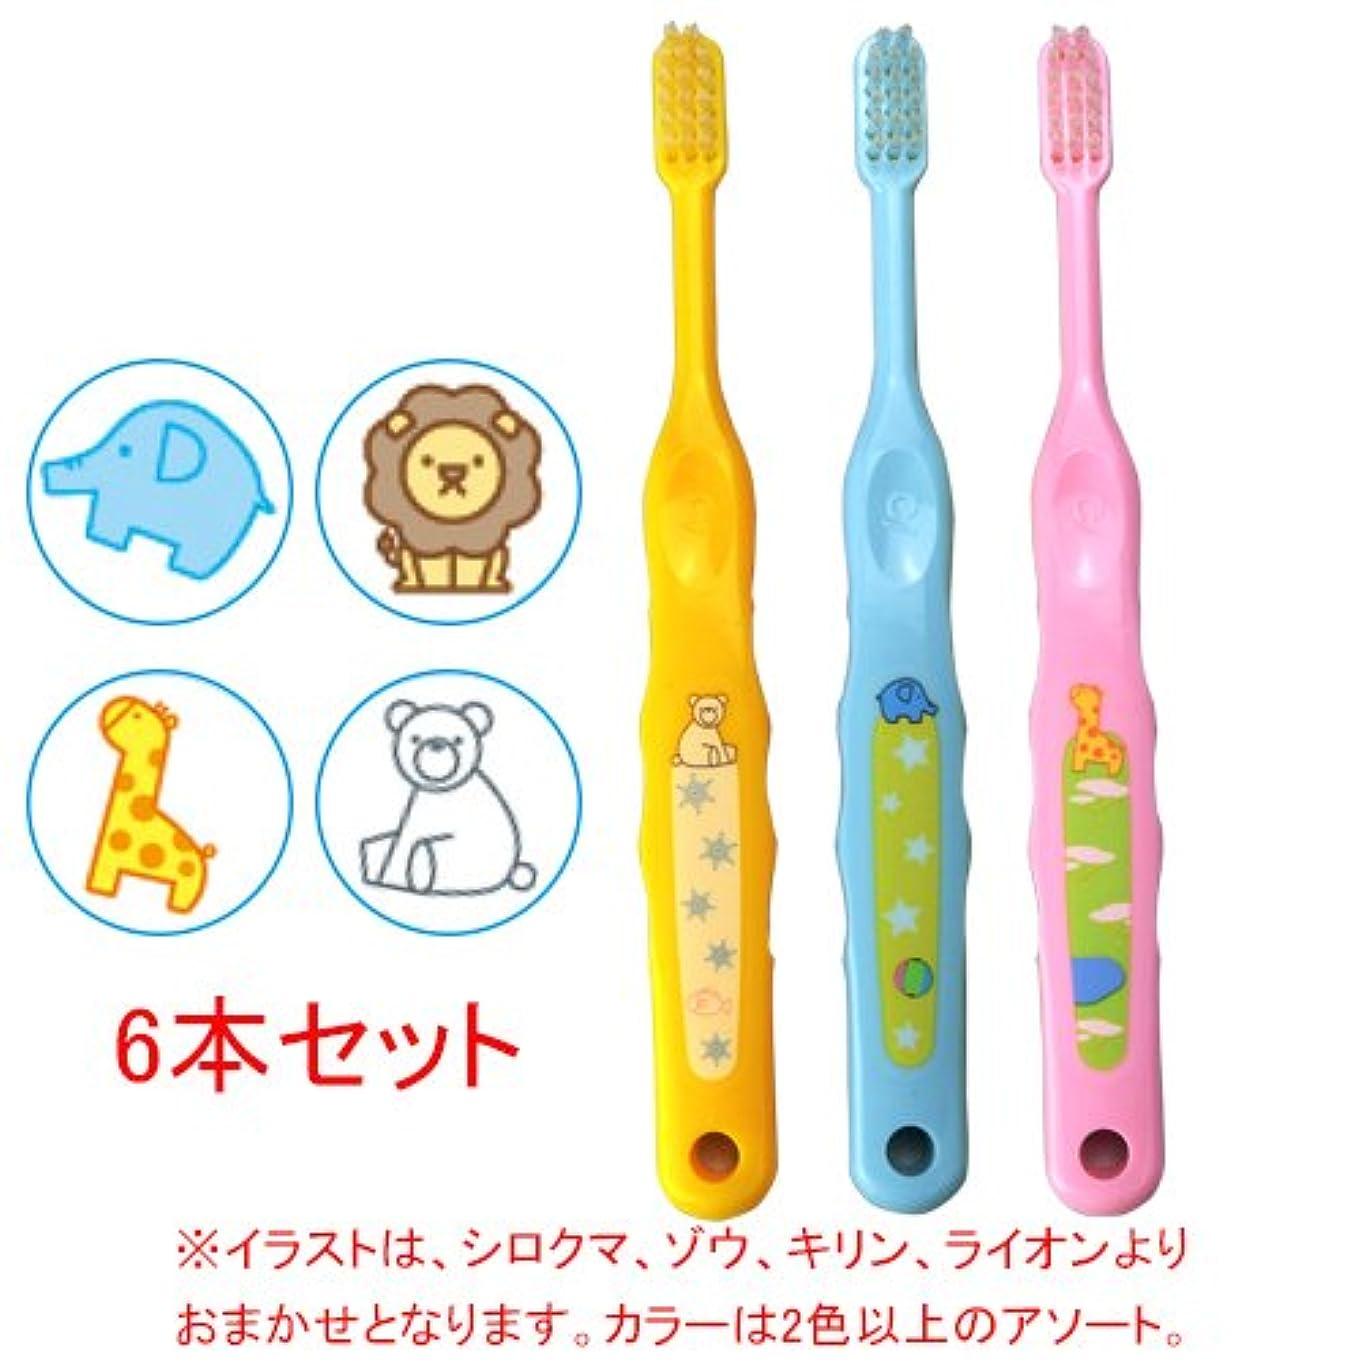 散らすアカデミッククリアCiメディカル Ci なまえ歯ブラシ 503 (やわらかめ) (乳児~小学生向)×6本